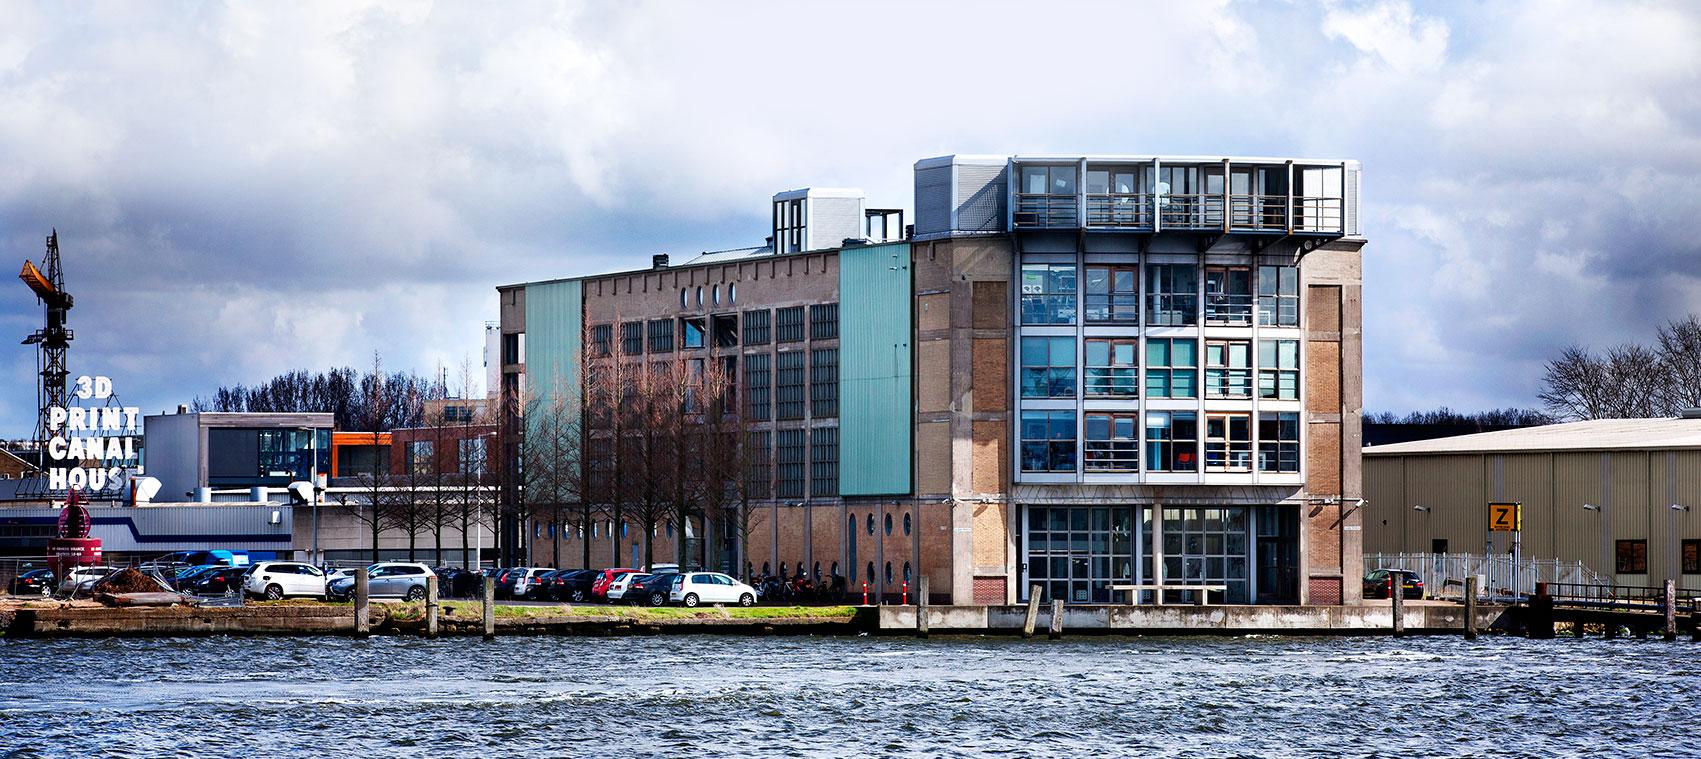 Corten De Geer advocaten Amsterdam Noord Kantoorfilosofie